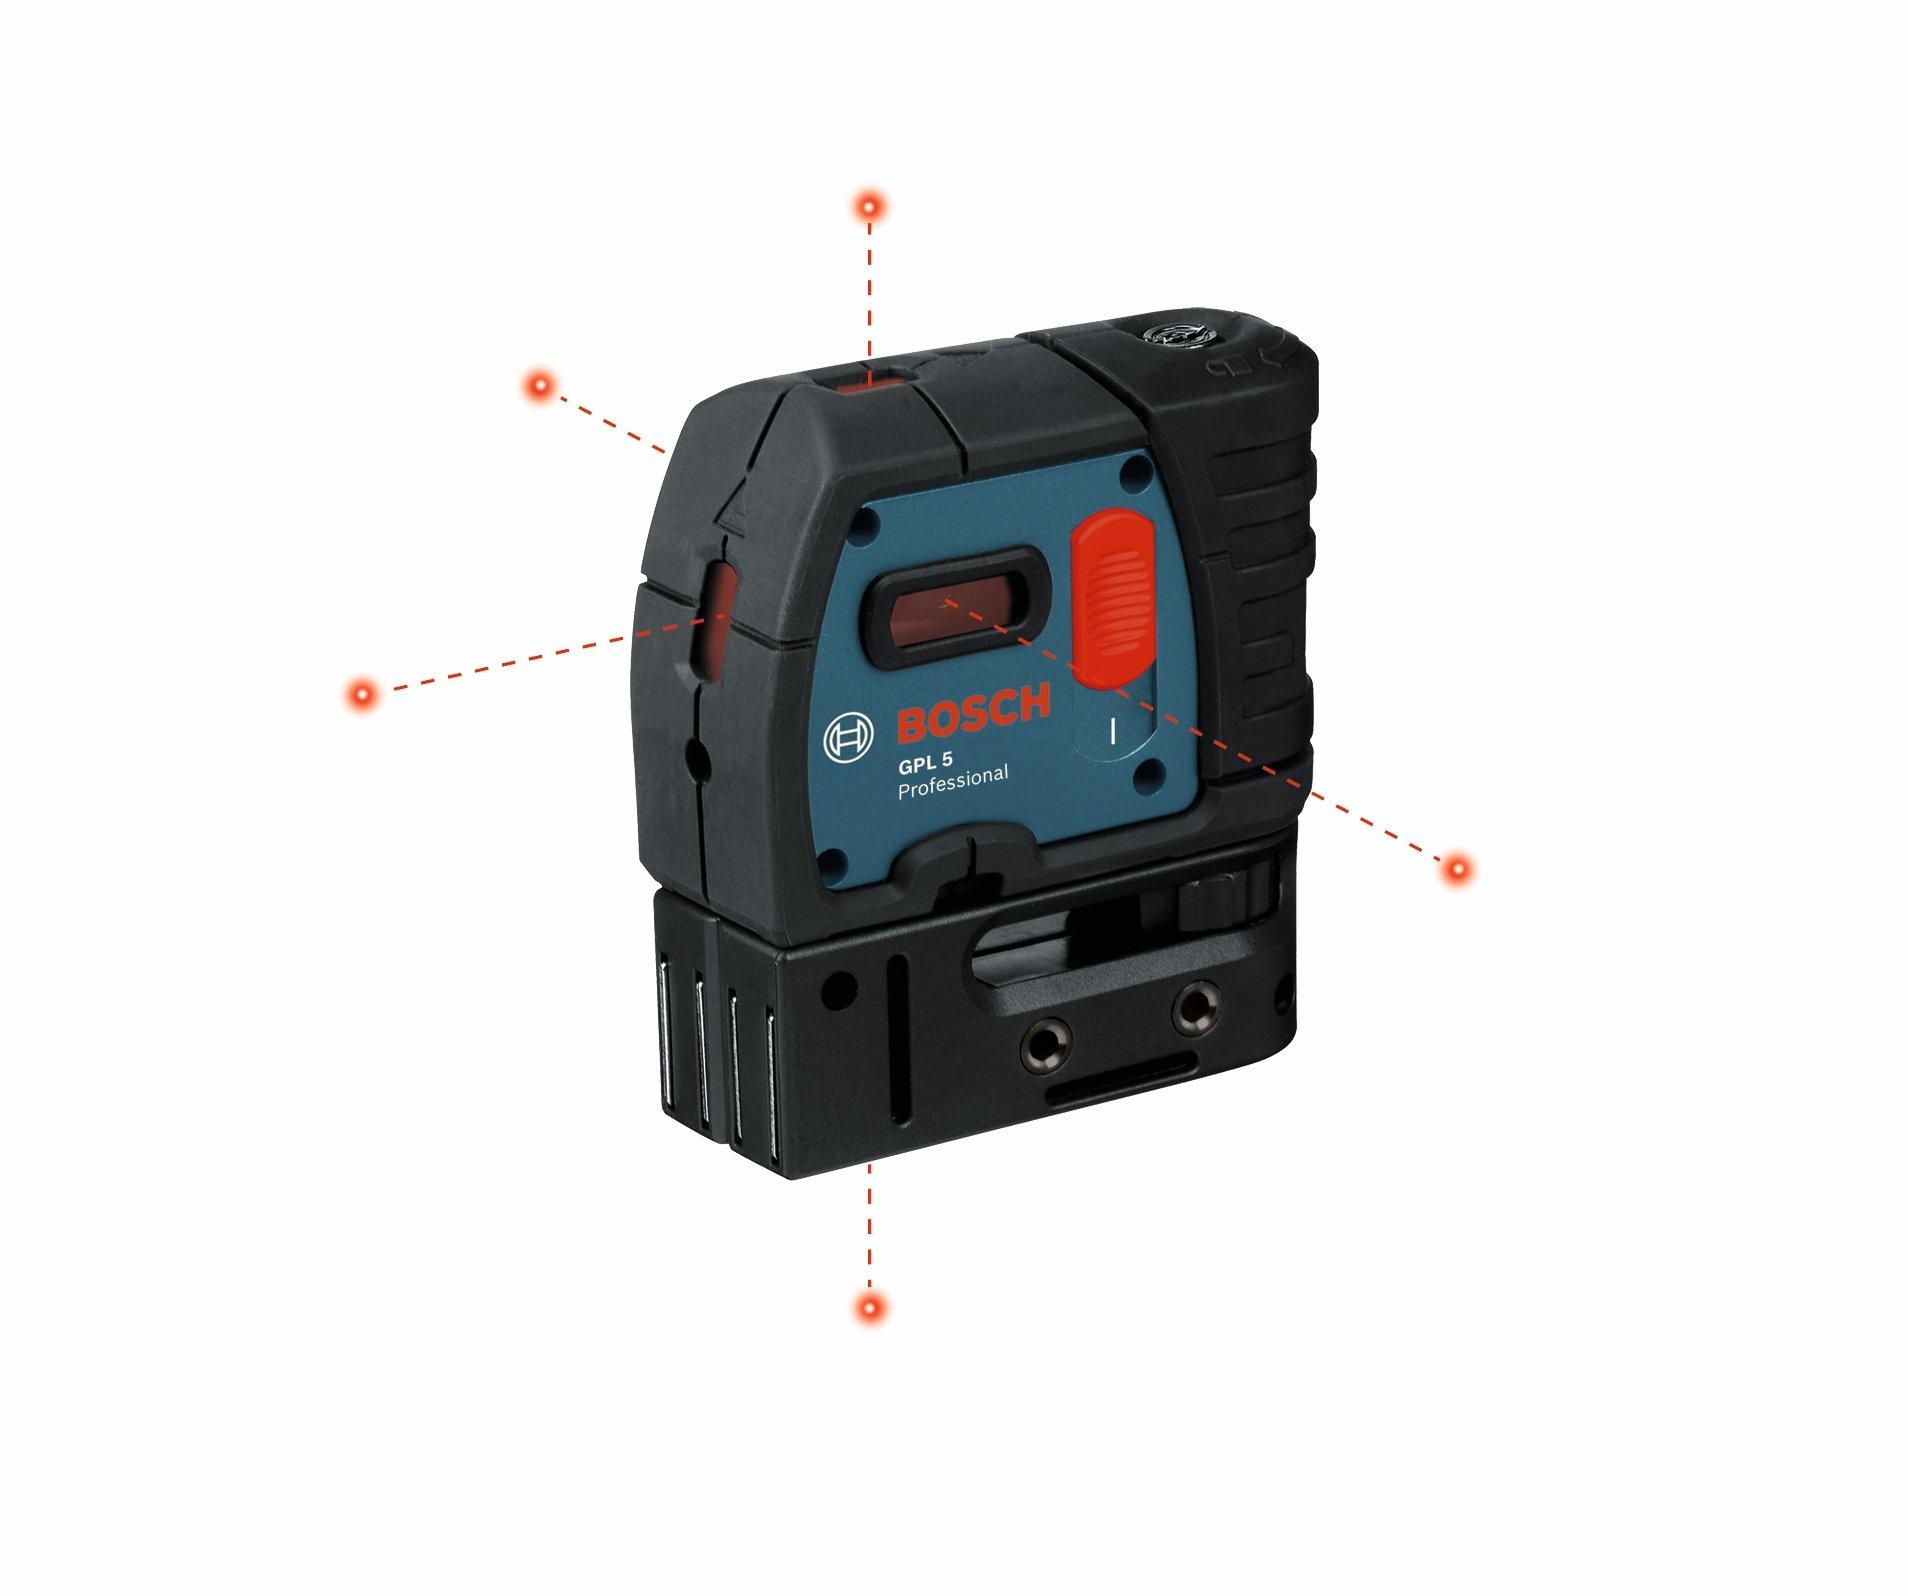 Bosch GPL 5 5-Point Alignment Laser